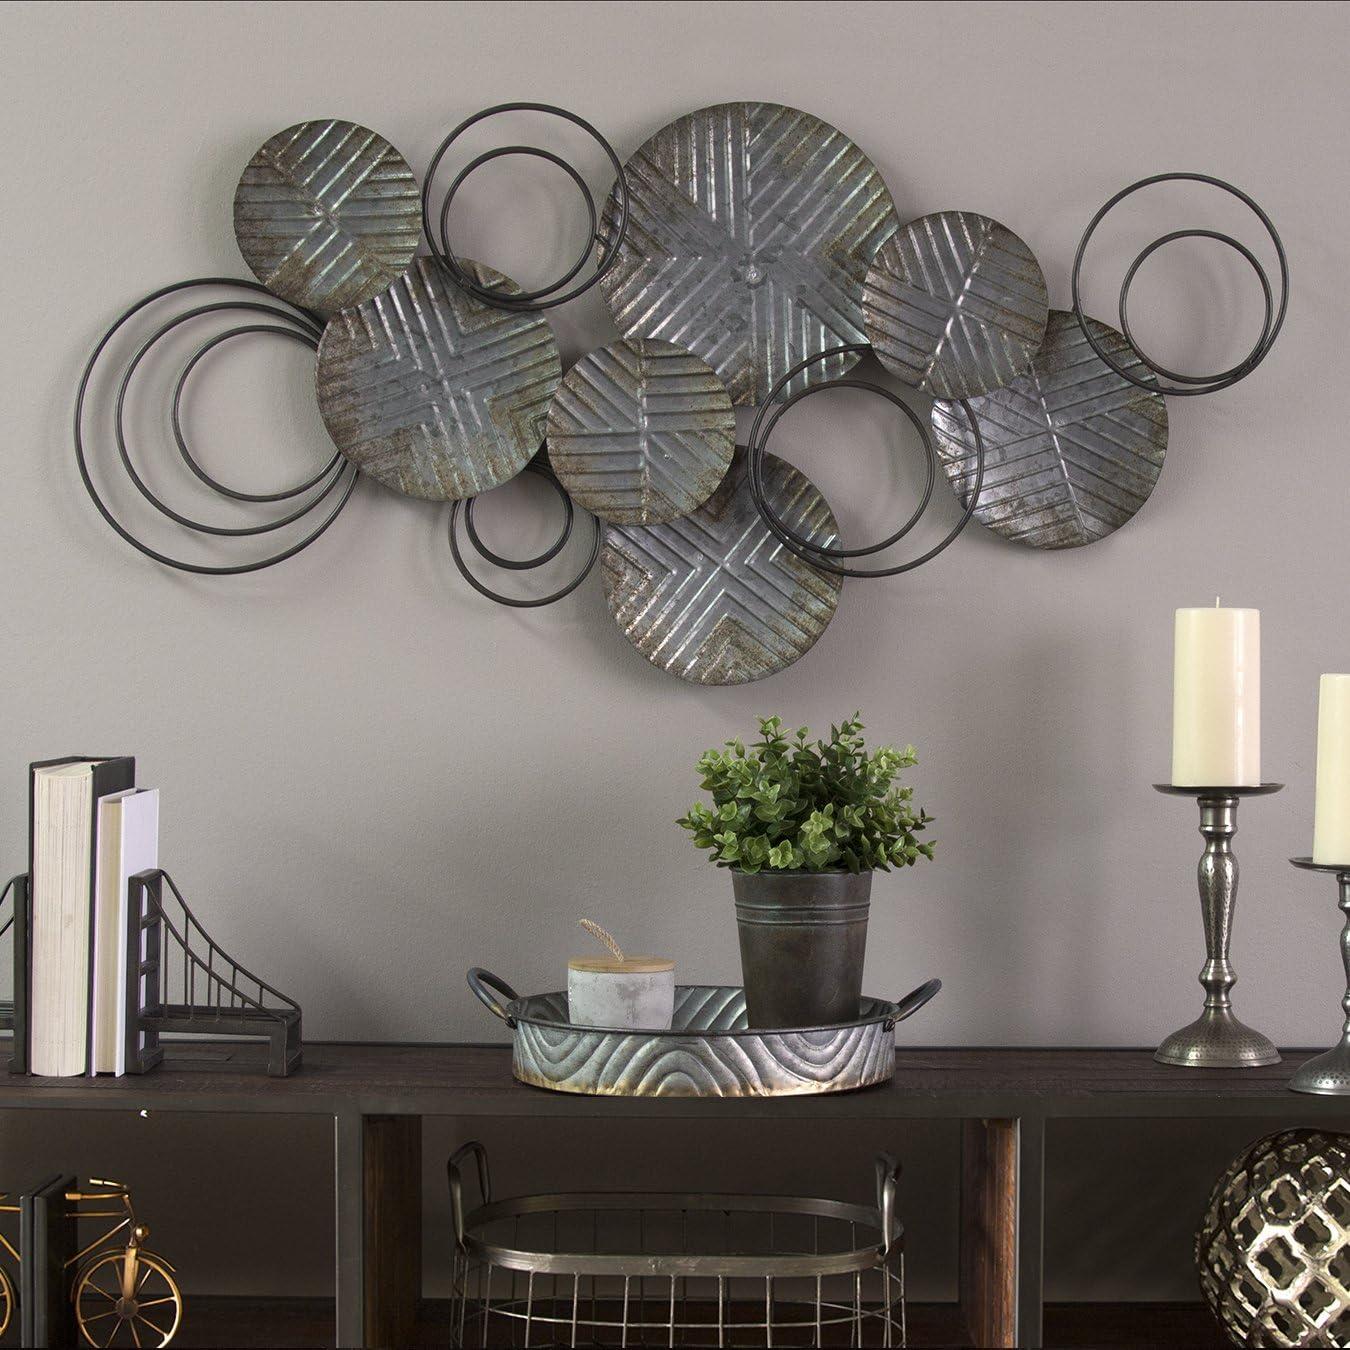 Home Decor Stratton Home Decor Galvanized Plates Wall Decor Pewter Home Hyundai Lighting Com Mk